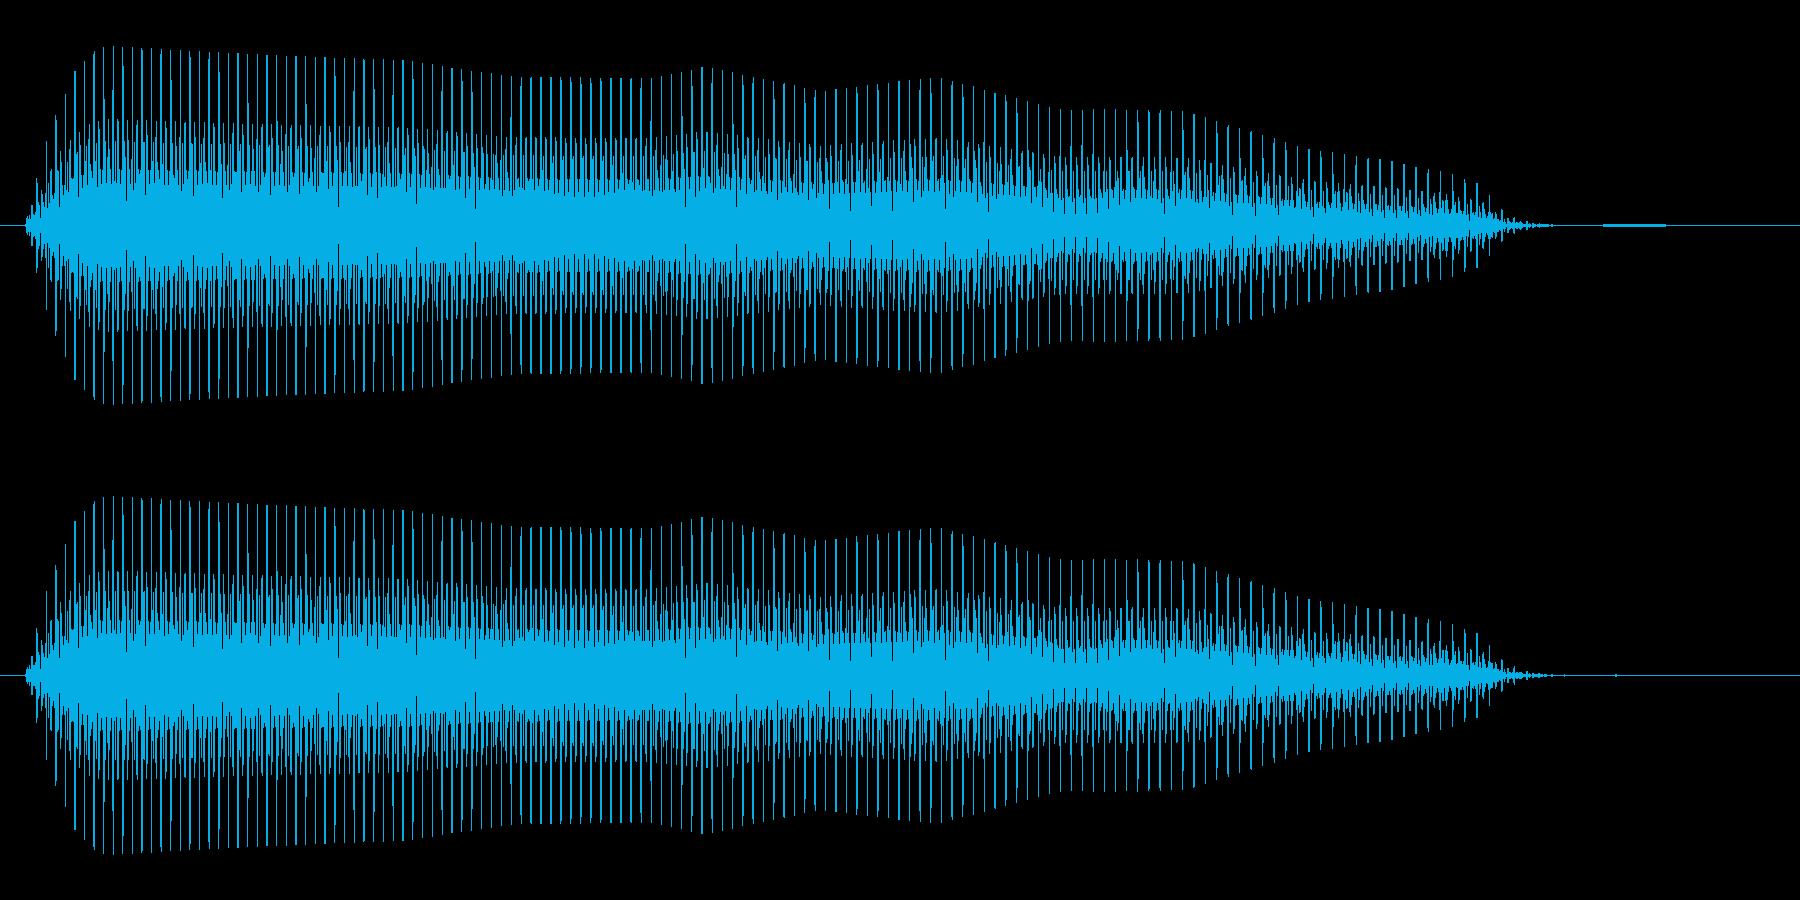 ブワ↓〜ン(下がっていく)の再生済みの波形